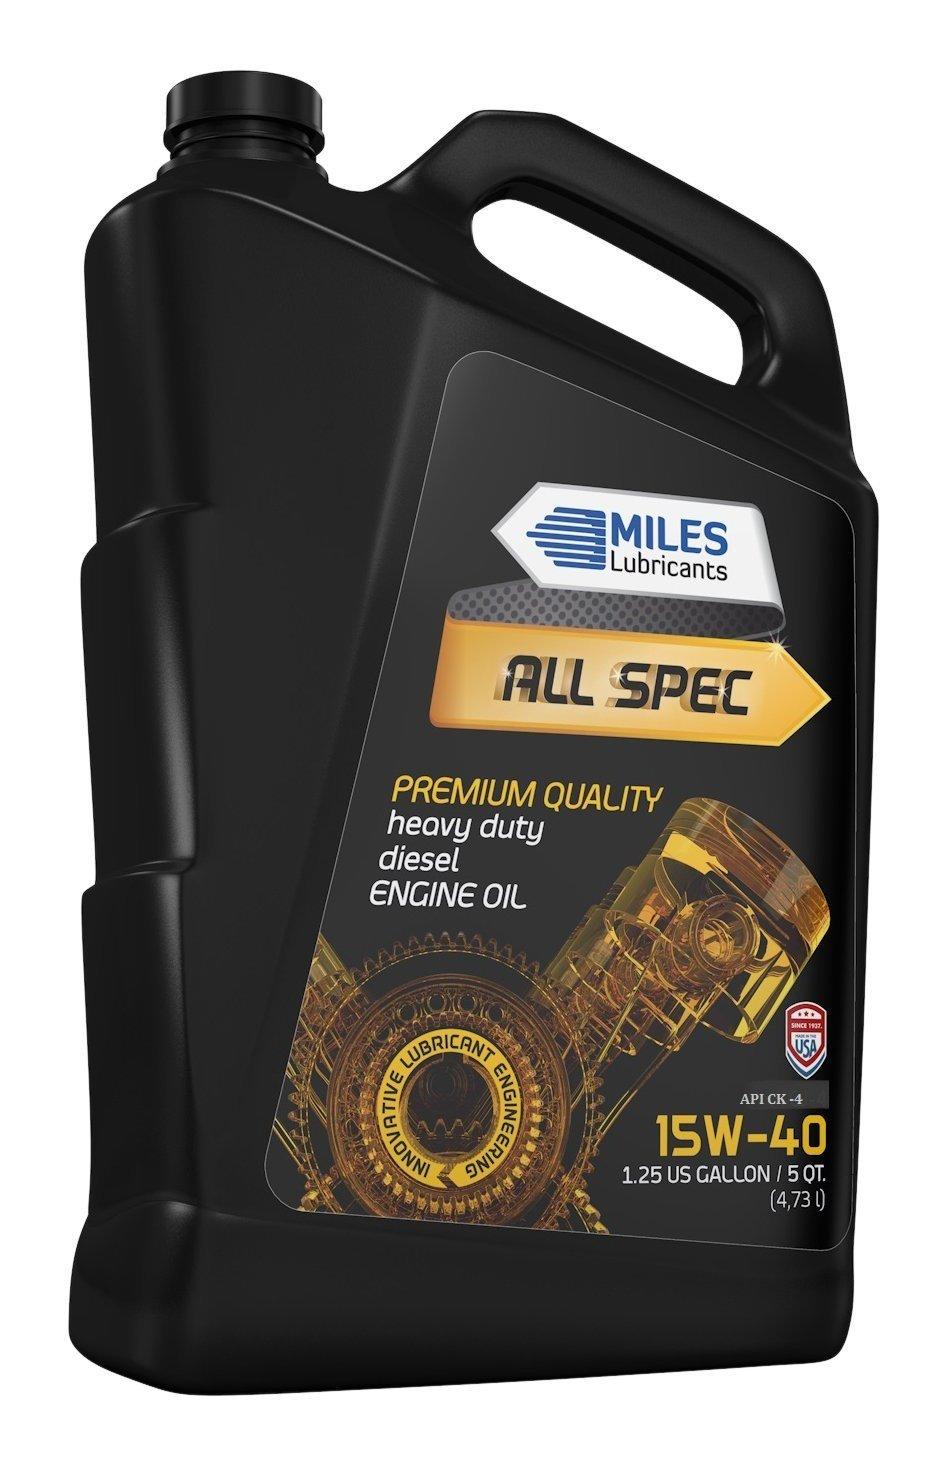 MILES ALL SPEC 15W40, API CK-4, Heavy Duty Diesel Motor Oil 5 QUART BOTTLE (Pack of 4)